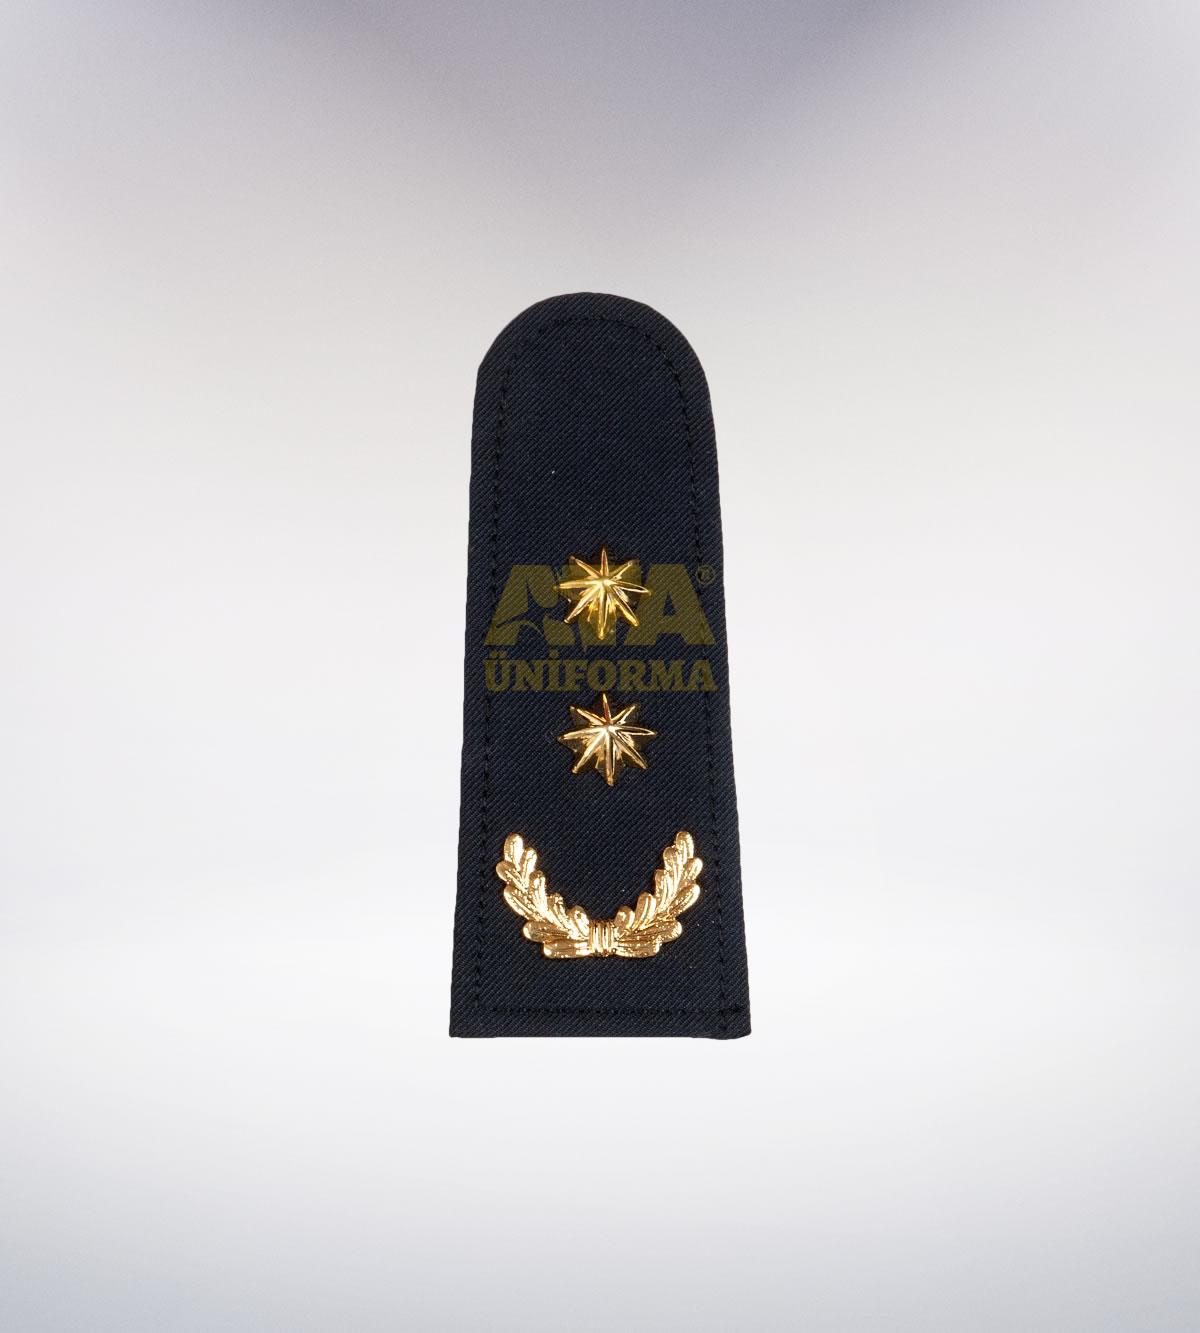 ATA-1003 Polis apolet - polis elbiseleri | polis üniformaları | polis kıyafetleri